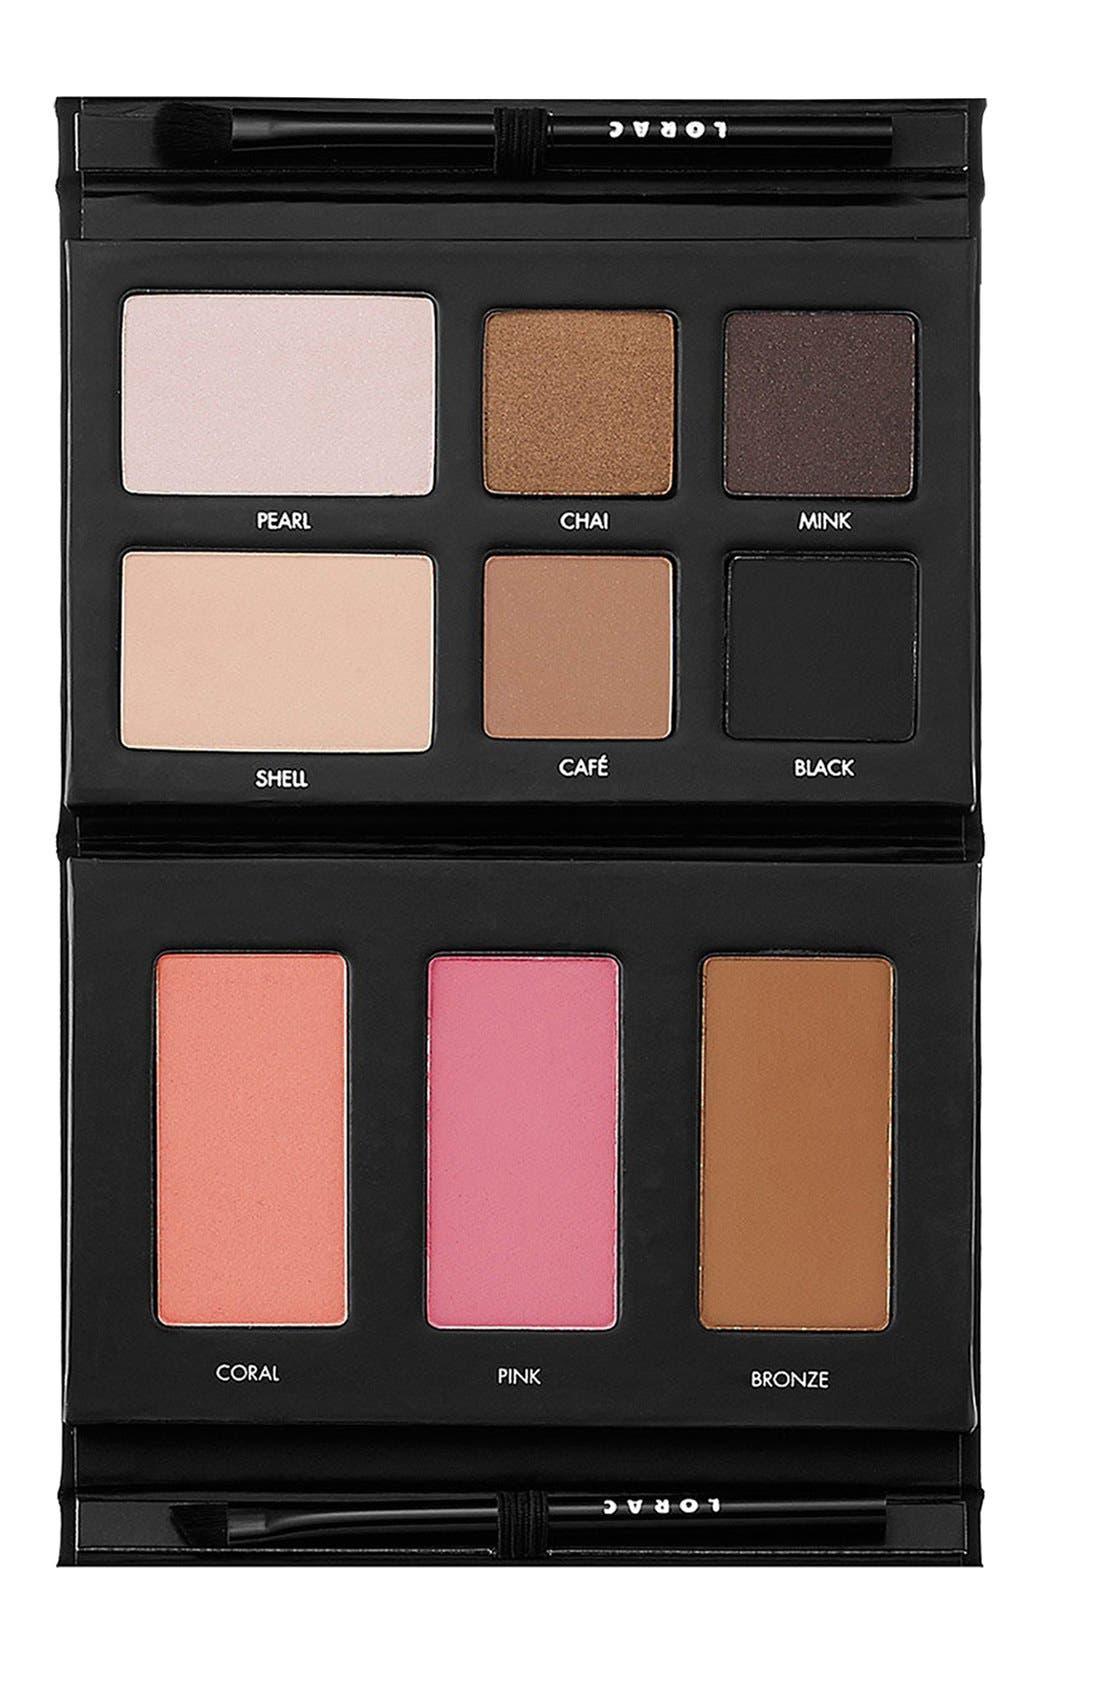 LORAC 'PRO to Go' Eye/Cheek Palette ($210 Value)